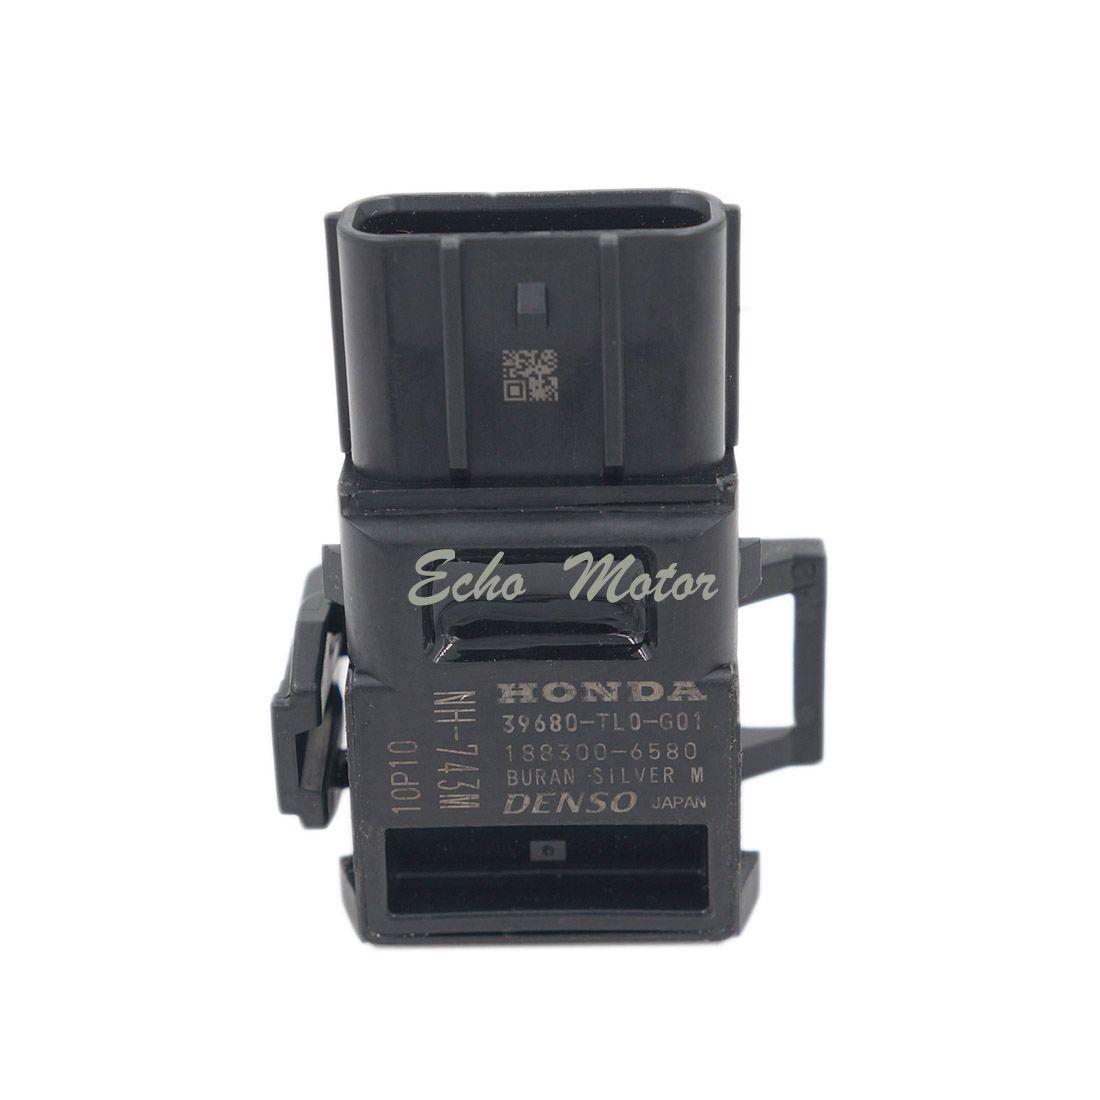 Neue Hohe Qualität 39680-TL0-G01 188300-6630 Auto PDC Parksensoren für Honda Pilot, Vereinbarung, SPIRIoren